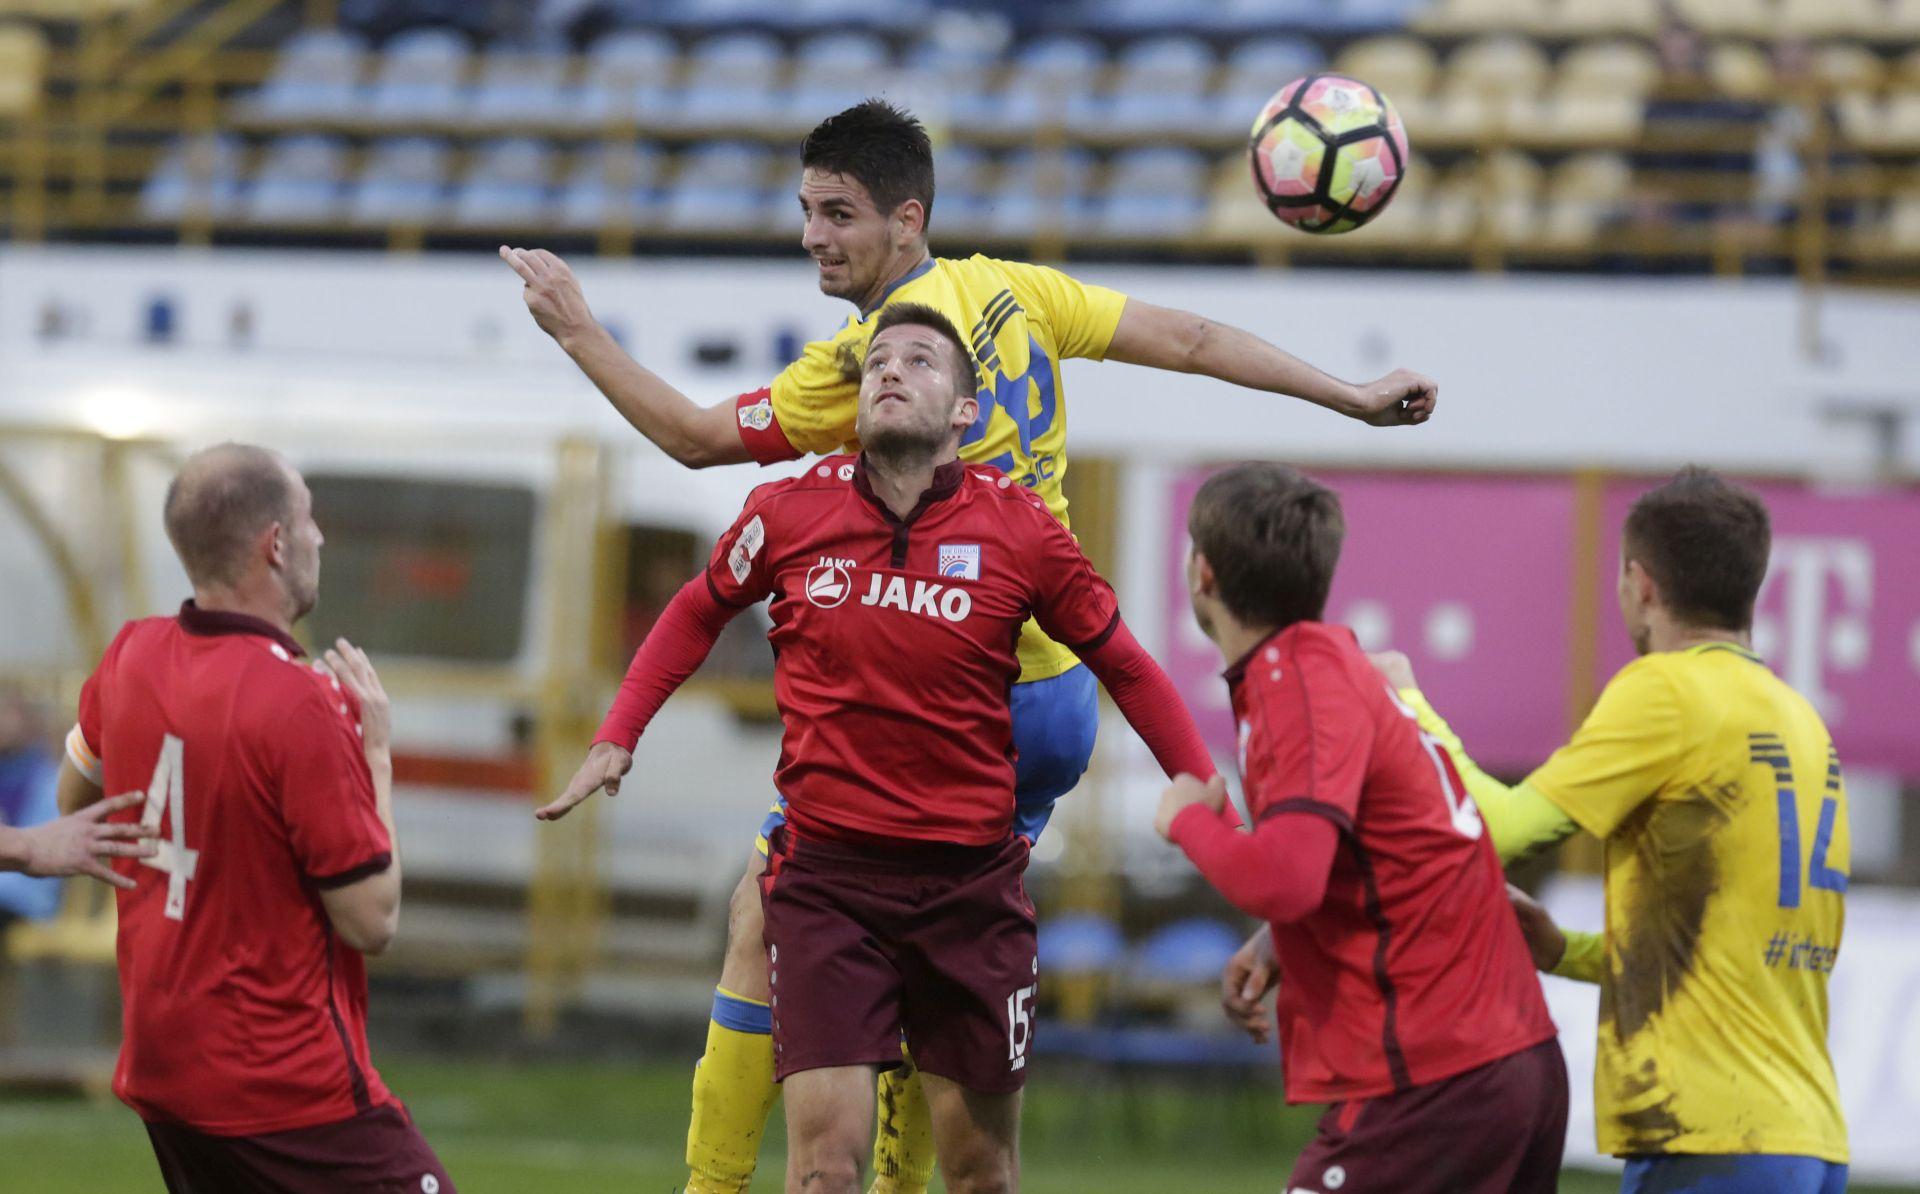 KUP: Inter i Osijek prošli, osam prvoligaša u četvrtfinalu